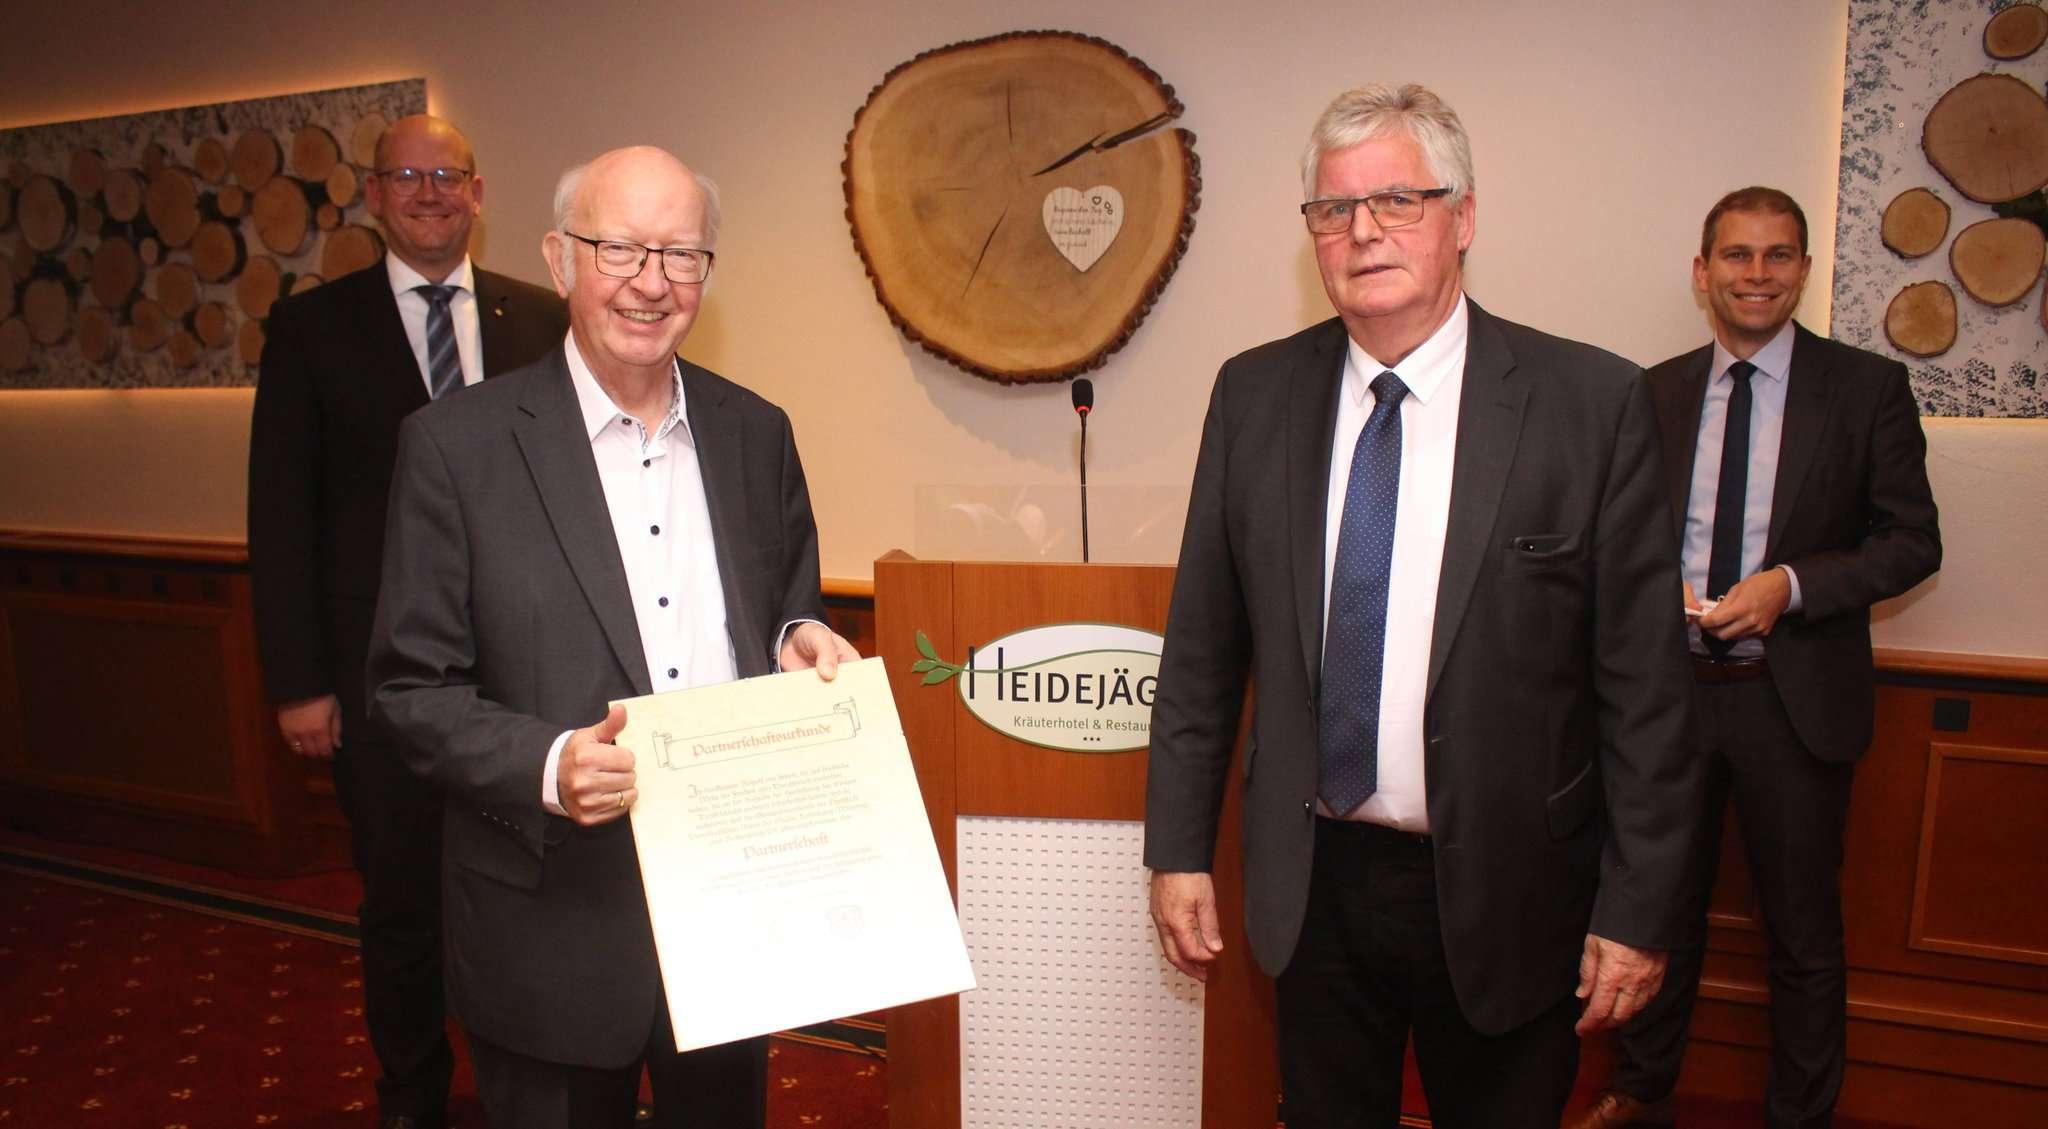 Der CDU-Kreisvorsitzende Marco Mohrmann (von links), Heinz-Günter Bargfrede, Bernd Lange und Eike Holsten mit der Urkunde über die Partnerschaft von 1990.